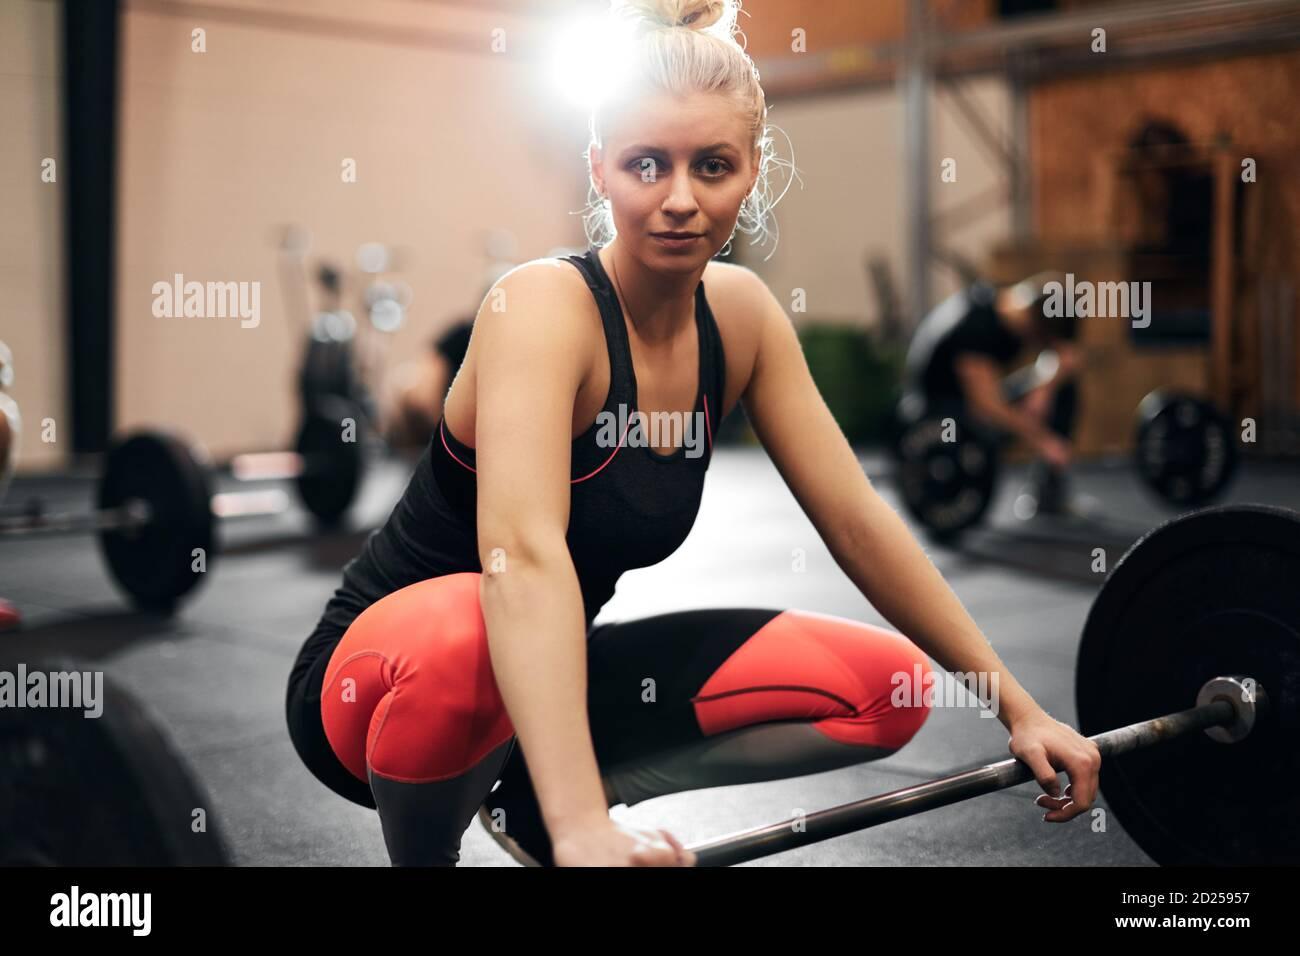 Mettre la jeune femme dans les vêtements de sport se préparant à soulever un peu lourd poids pendant un cours de musculation à la salle de gym Banque D'Images